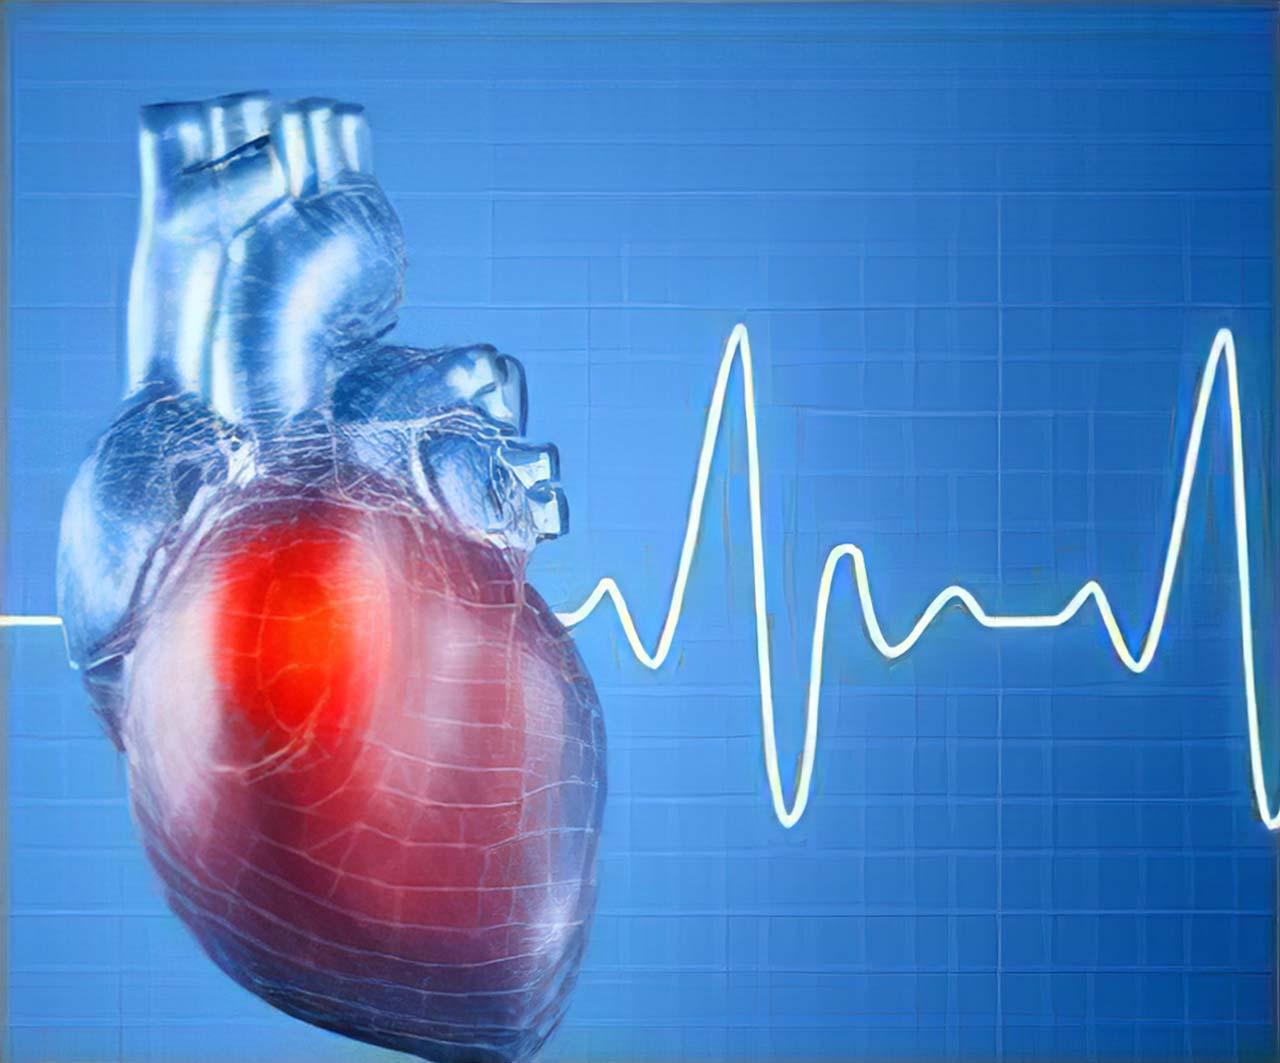 Heart Rhythm Problem